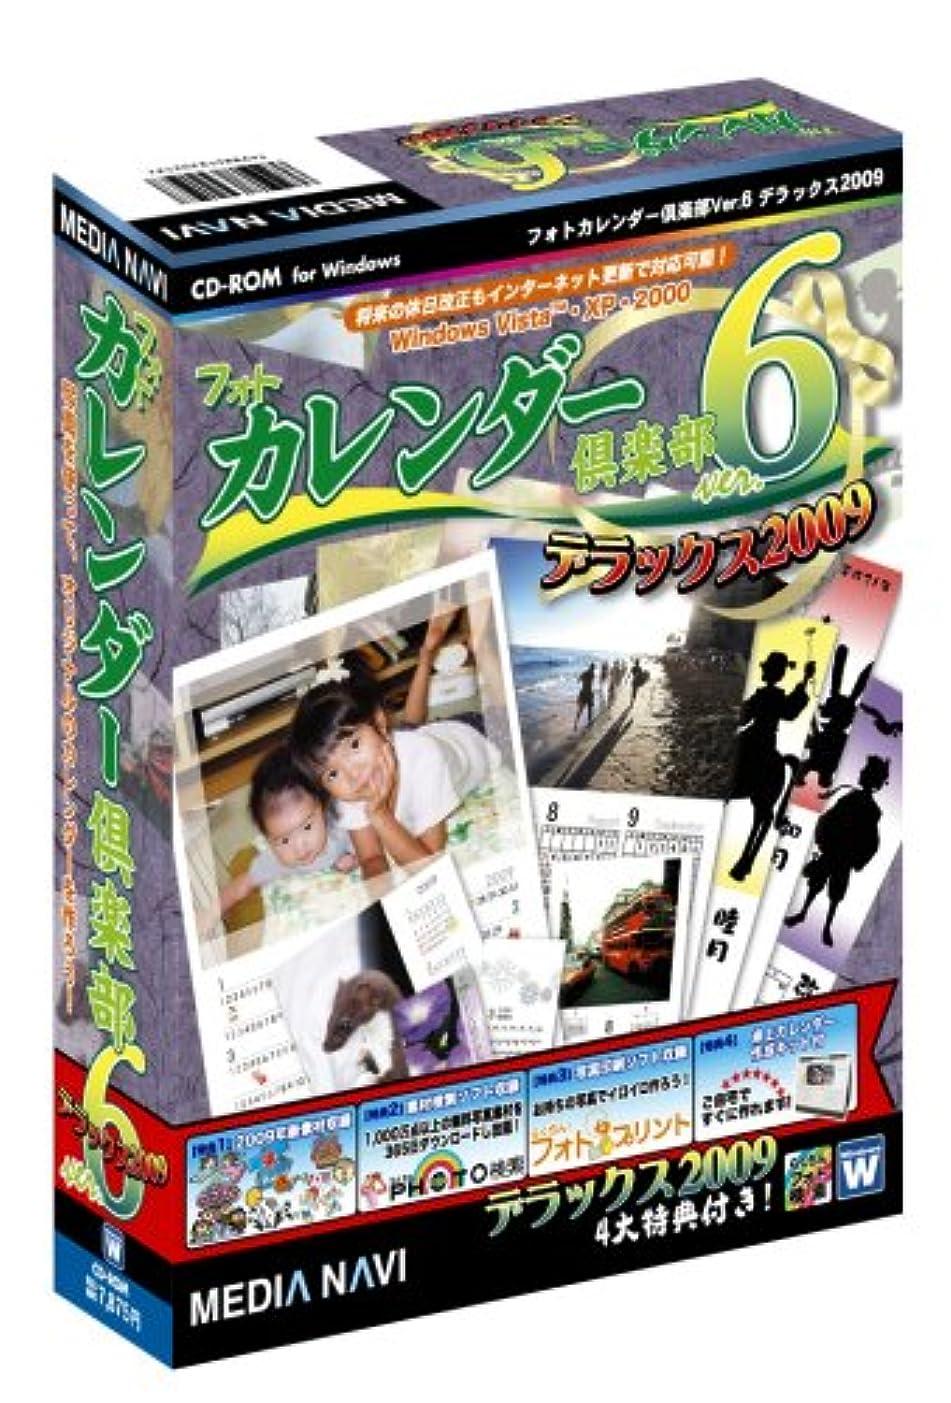 アパルショップ円周フォトカレンダー倶楽部Ver.6 デラックス2009